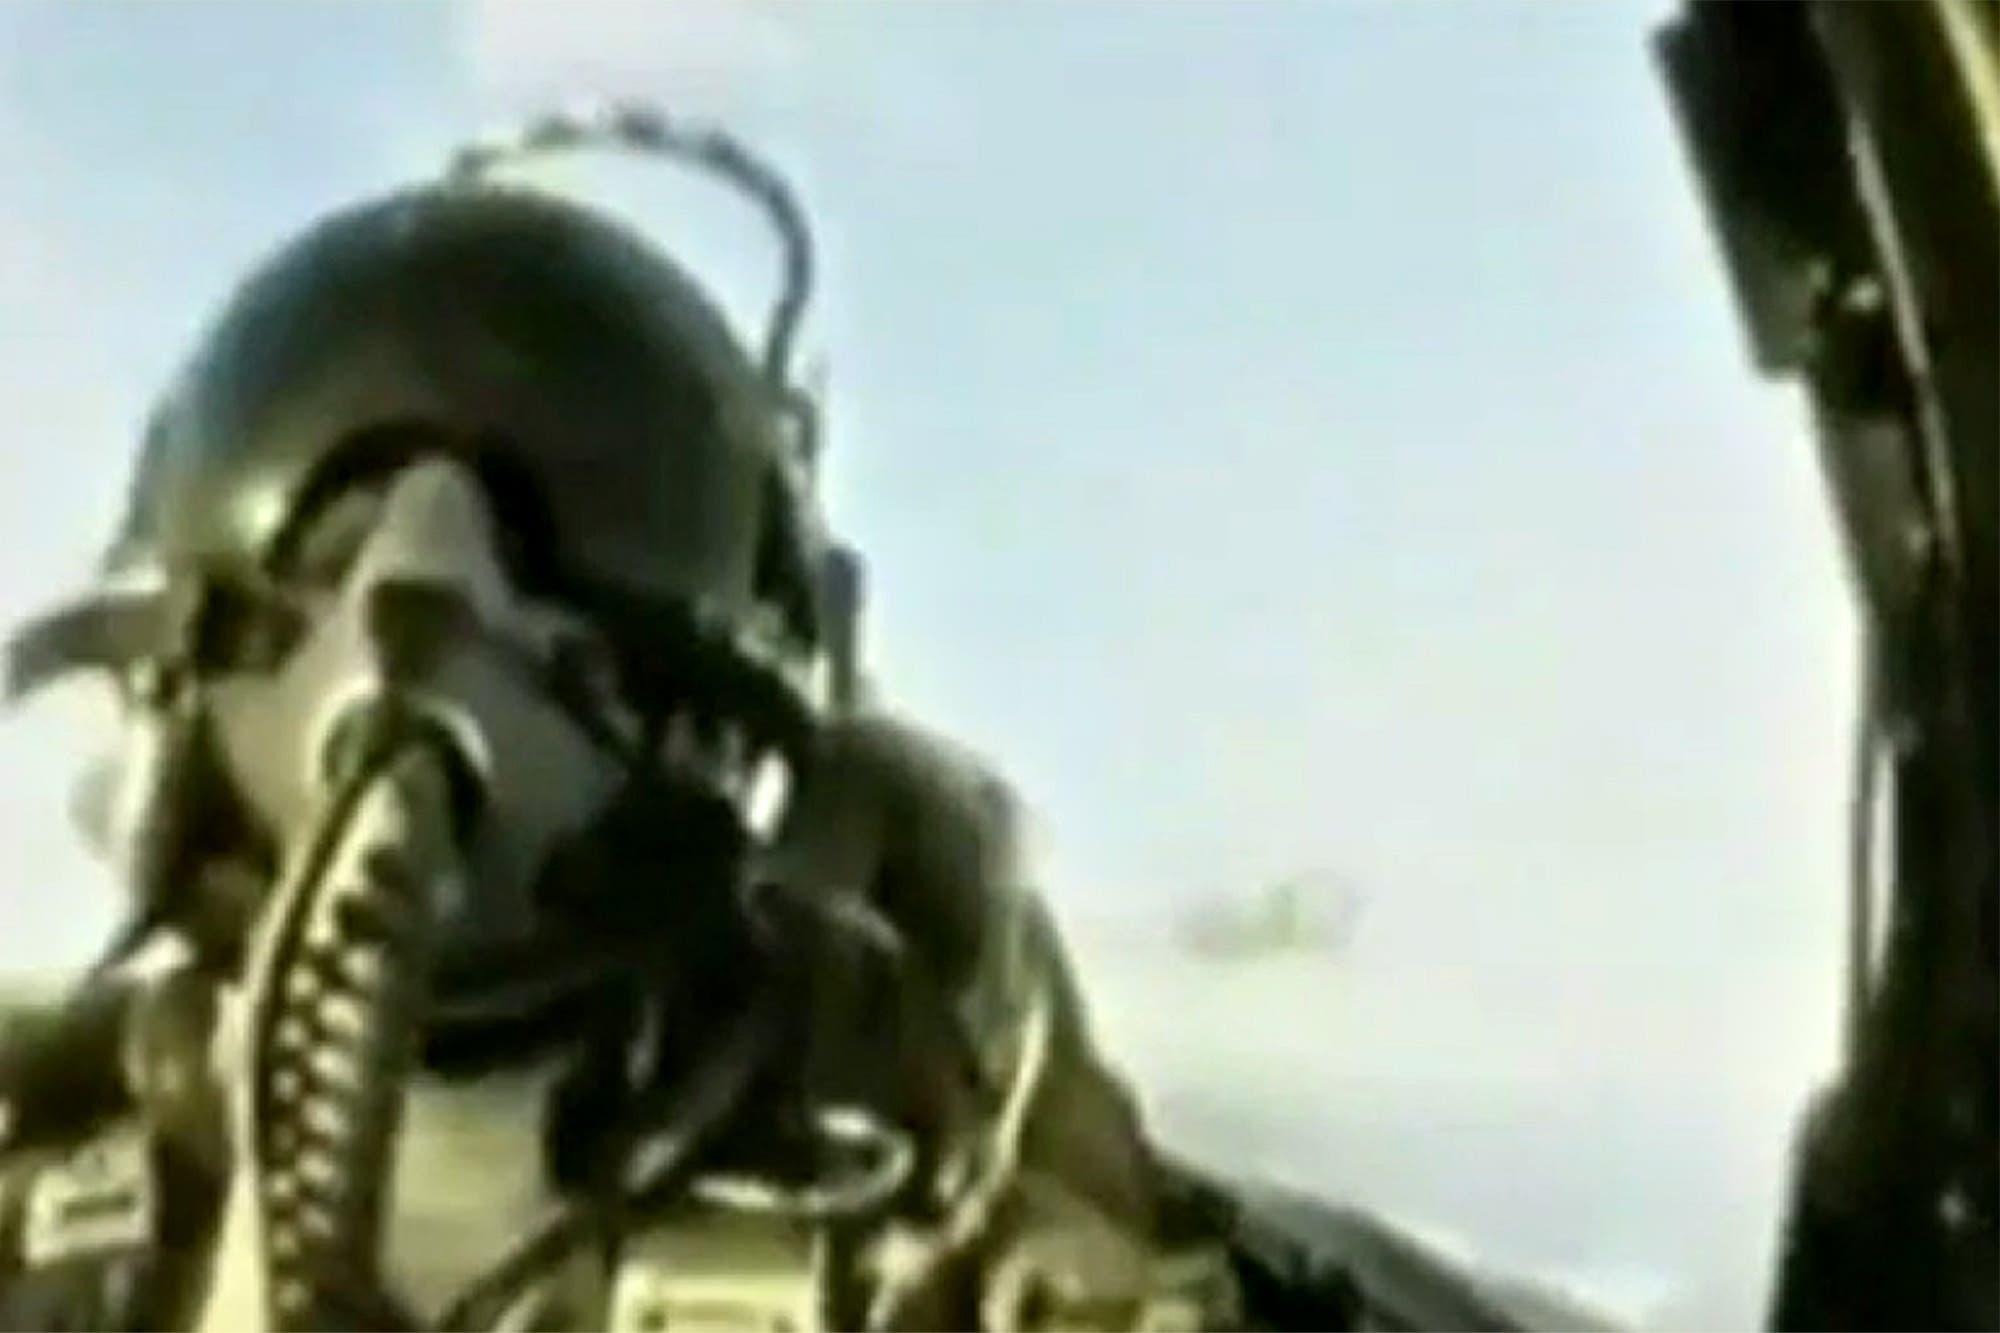 Malvinas: el impactante video que muestra el diálogo de los pilotos que hundieron al destructor Coventry